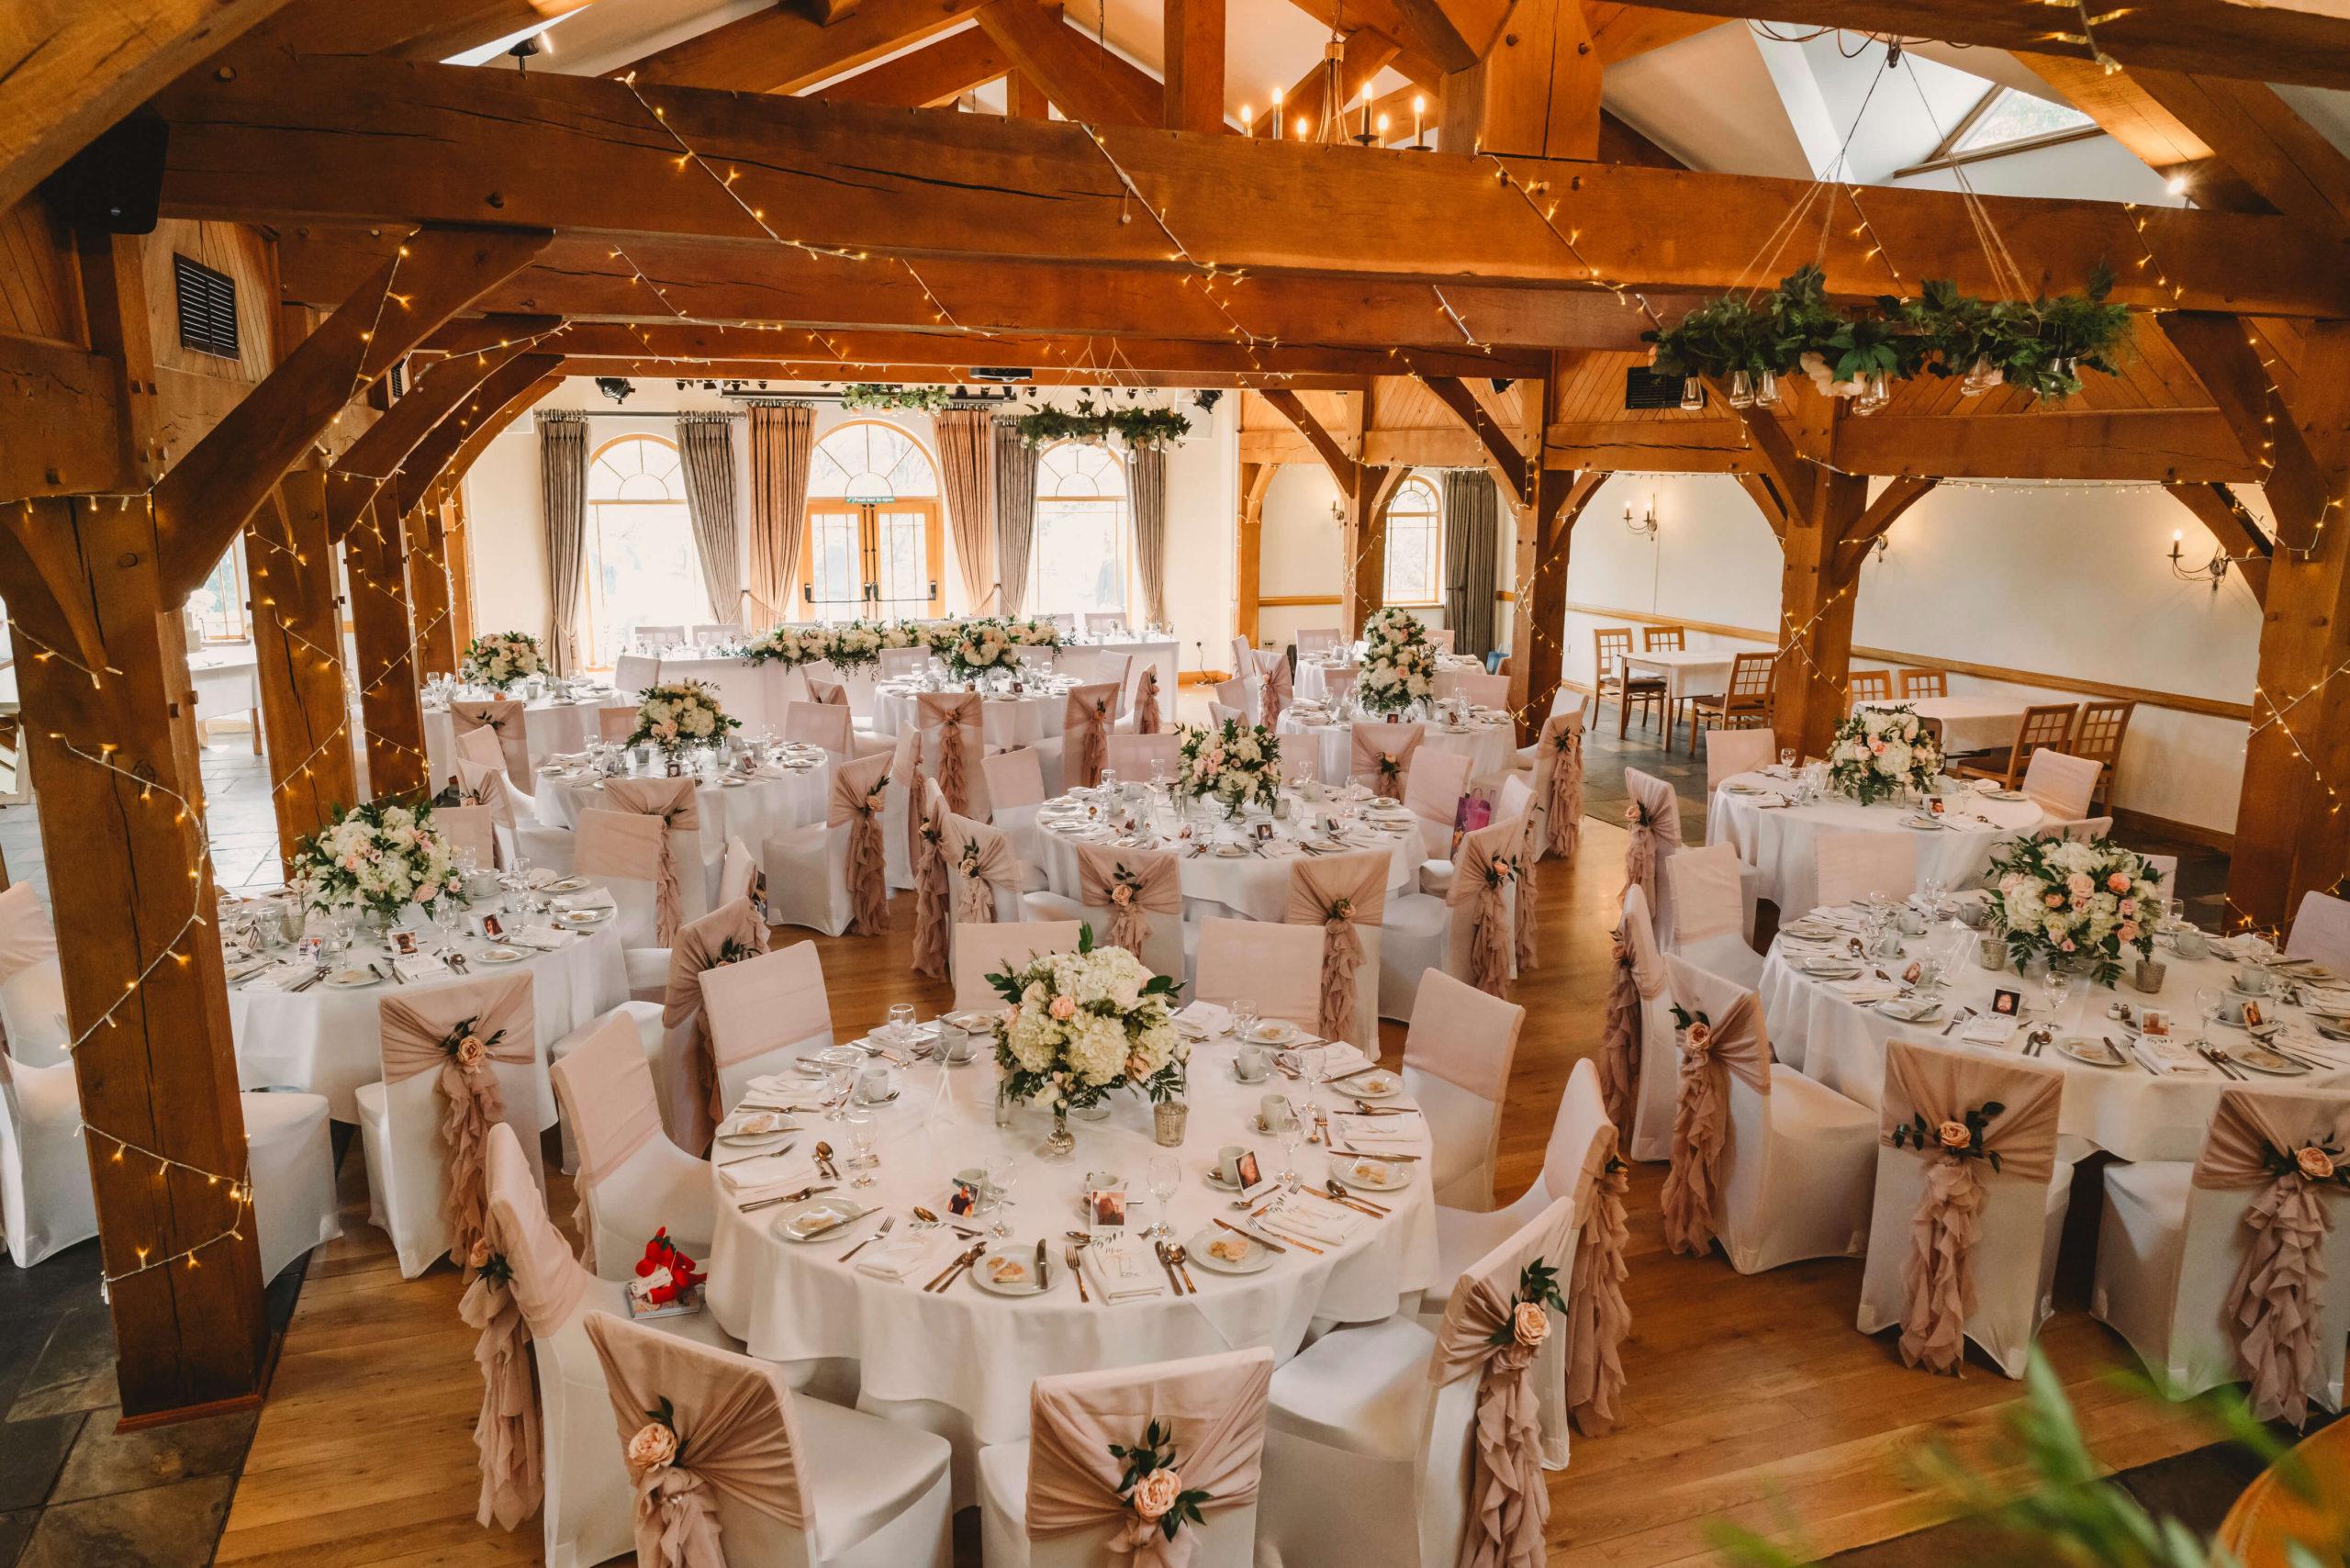 wedding venue south wales, swansea